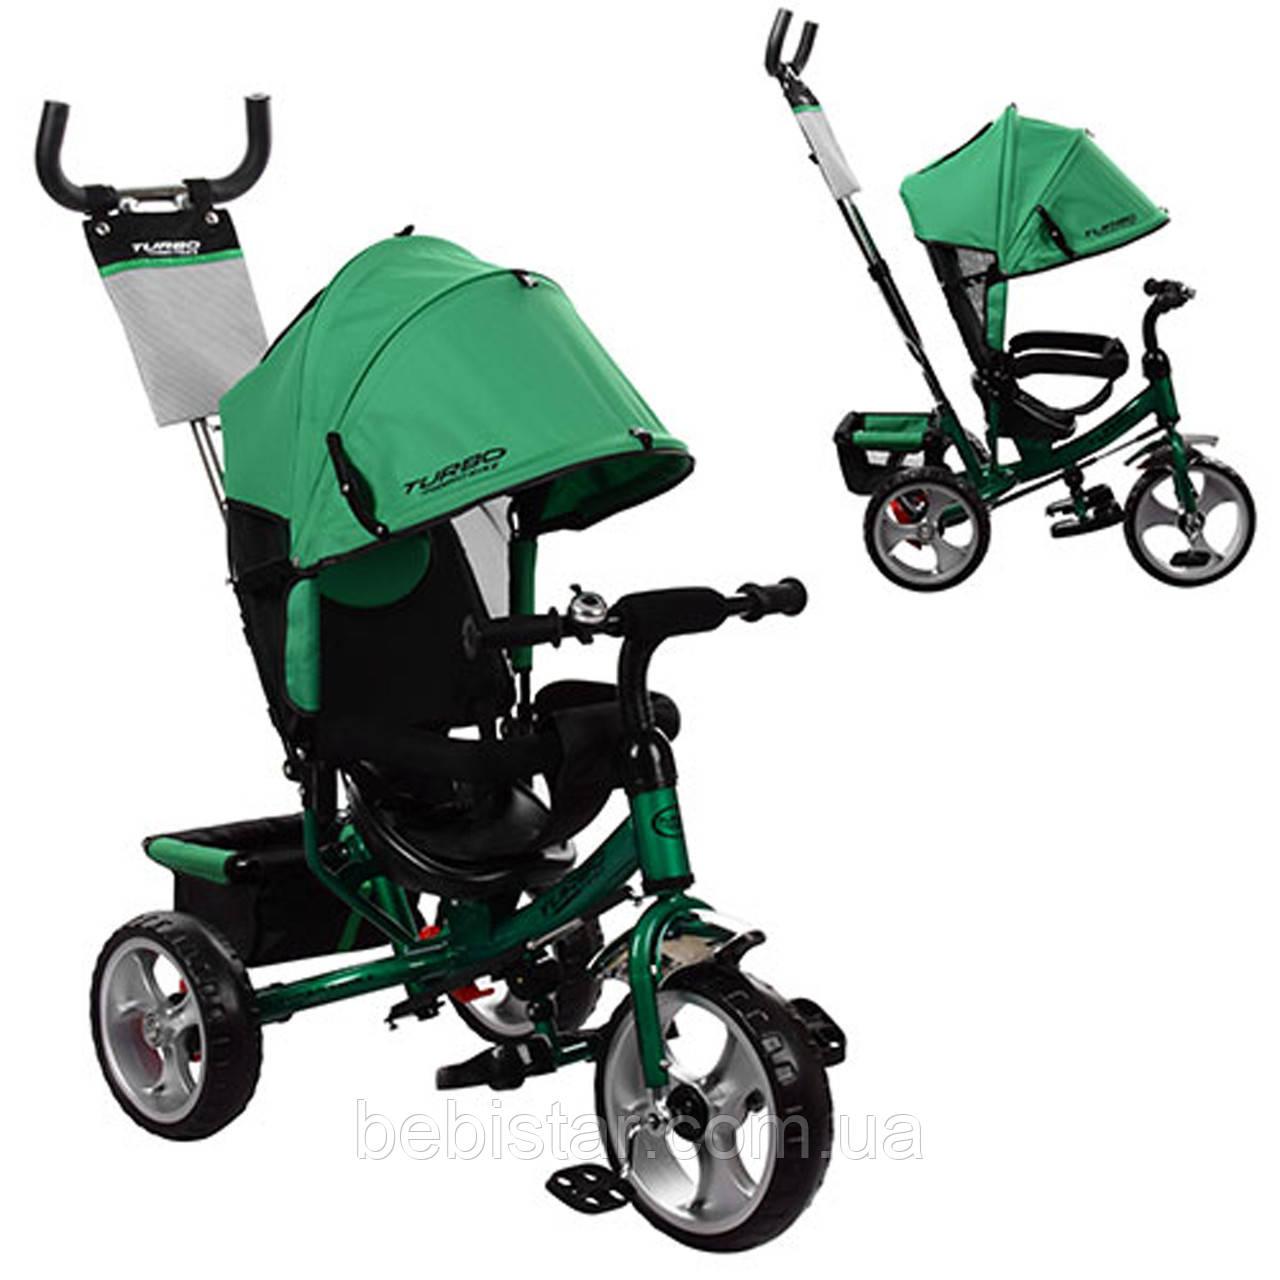 """Детский трехколесный велосипед """"Turbo Trike цвет: хаки"""